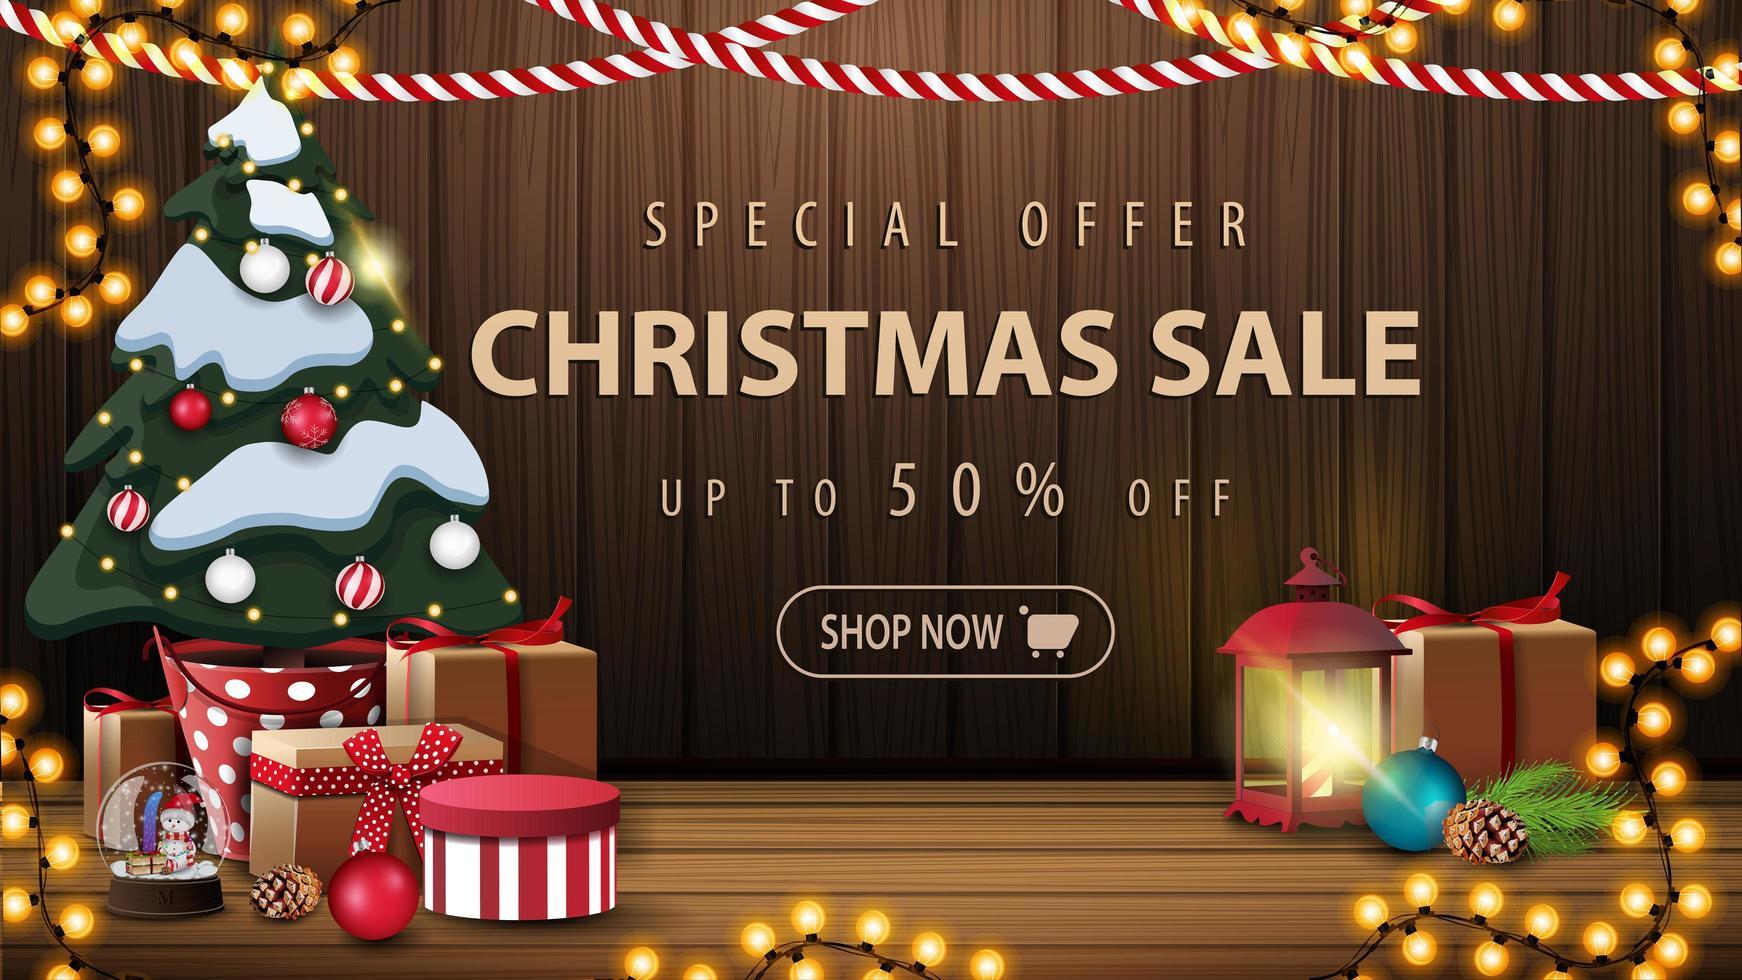 offre spéciale, vente de Noël, jusqu'à 50 rabais, belle bannière de réduction avec décor de Noël, guirlandes, lanterne vintage et arbre de Noël dans un pot avec des cadeaux près du mur en bois vecteur